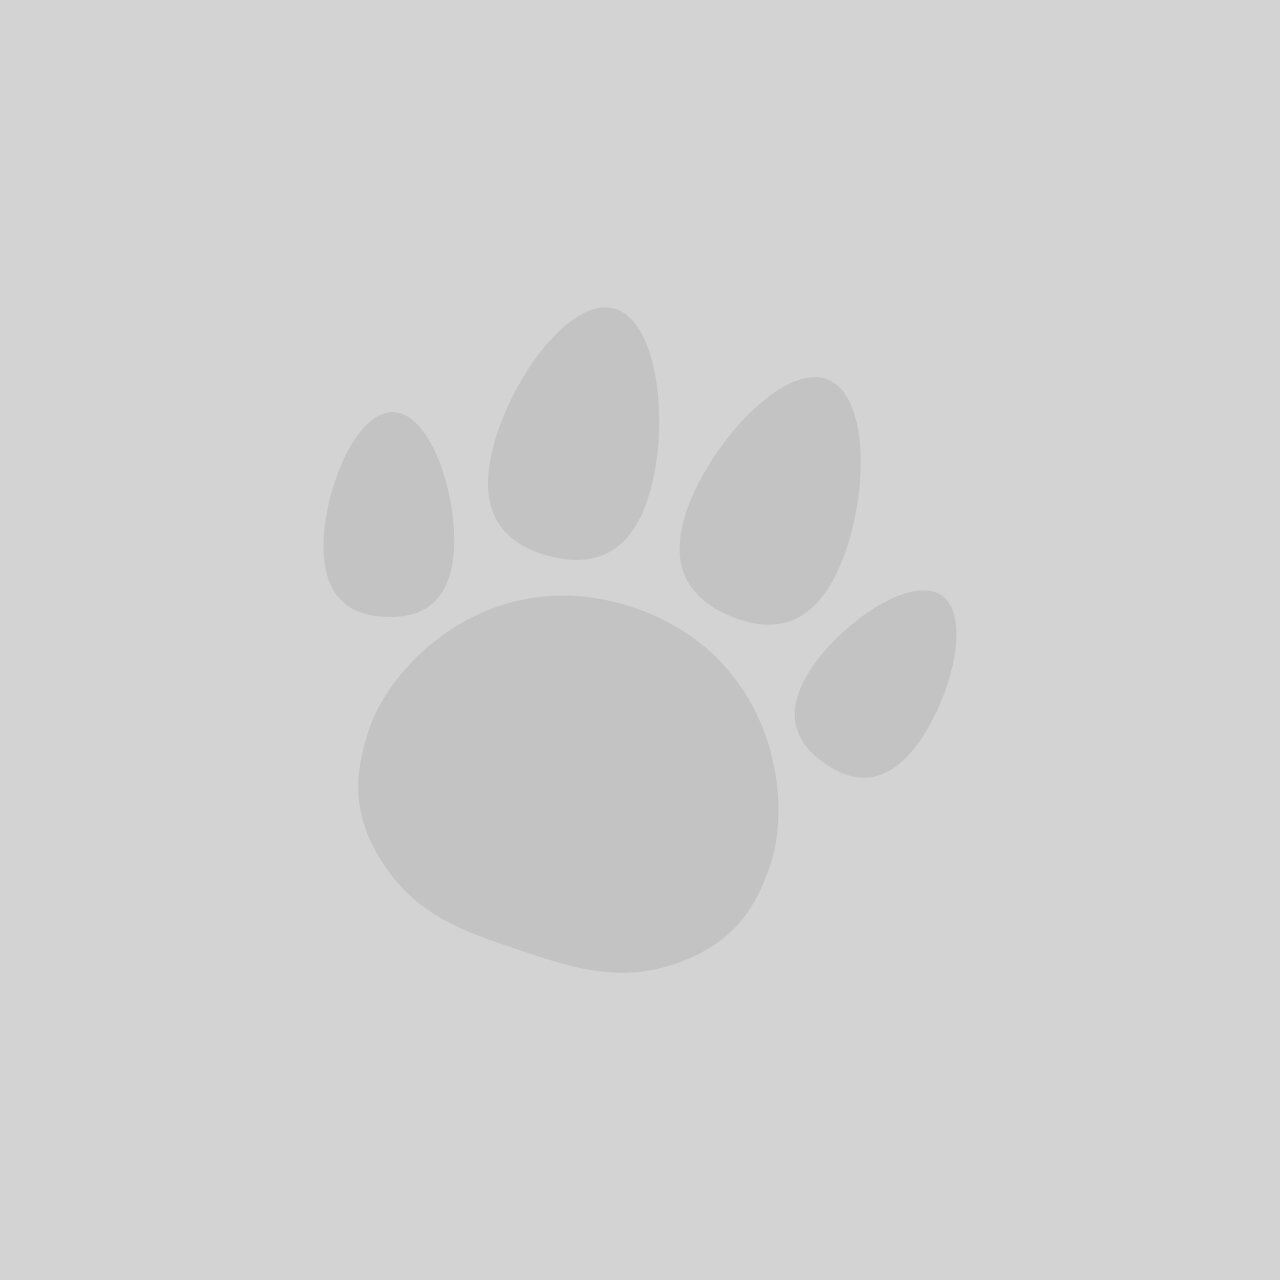 Whiskas Treats Dentabites with Salmon 50g